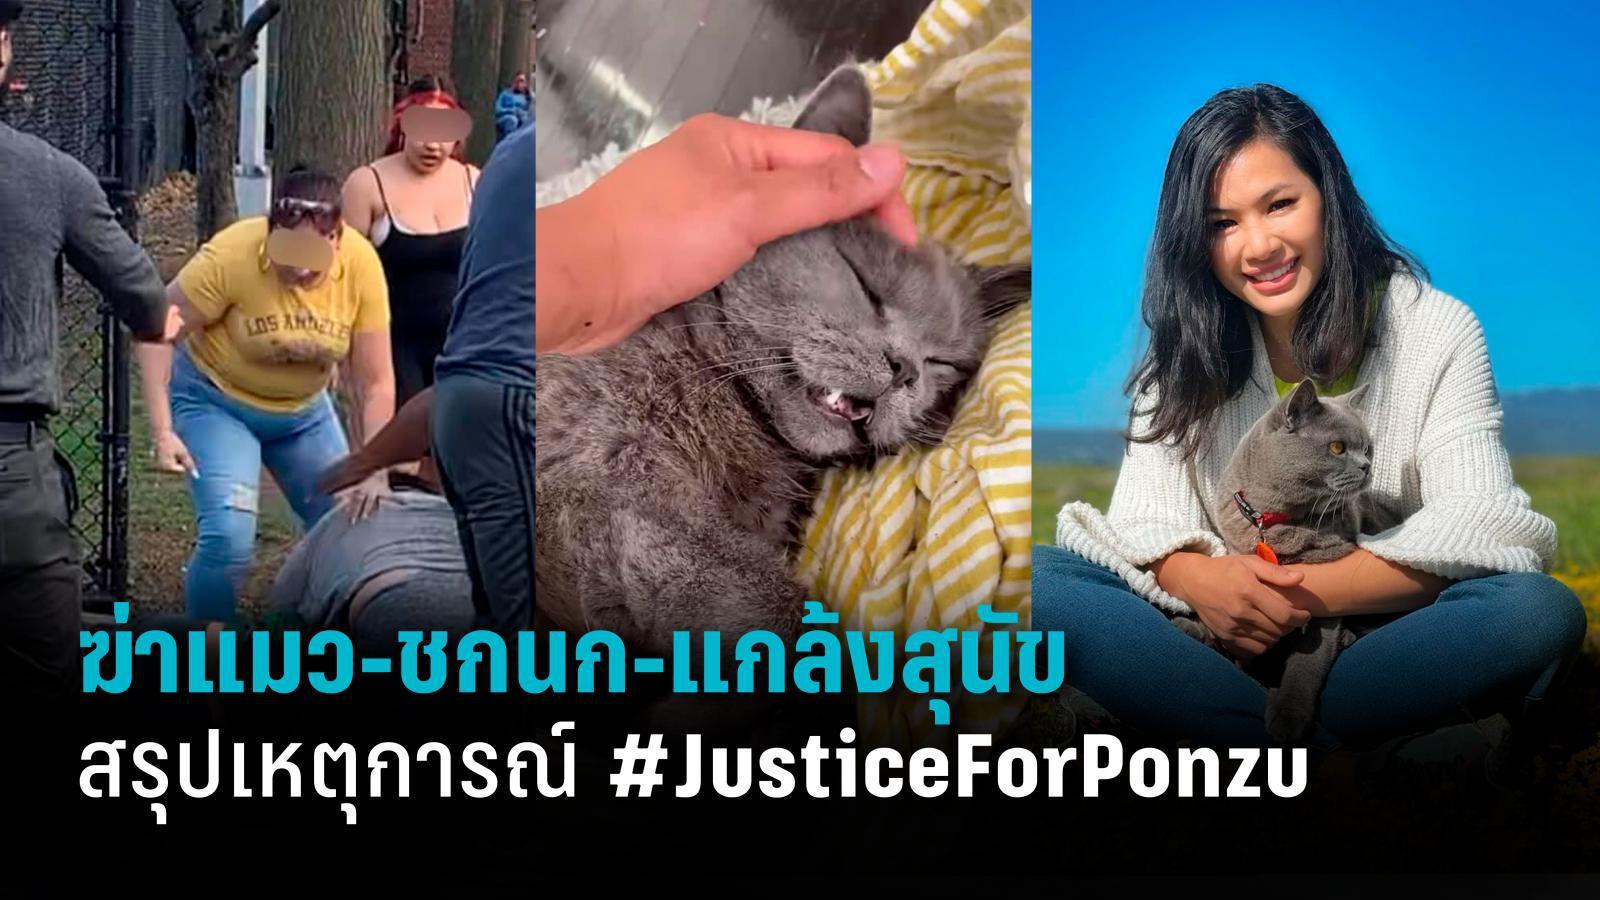 ฆ่าแมว-ชกนก-แกล้งสุนัข สรุปเหตุการณ์ #JusticeForPonzu